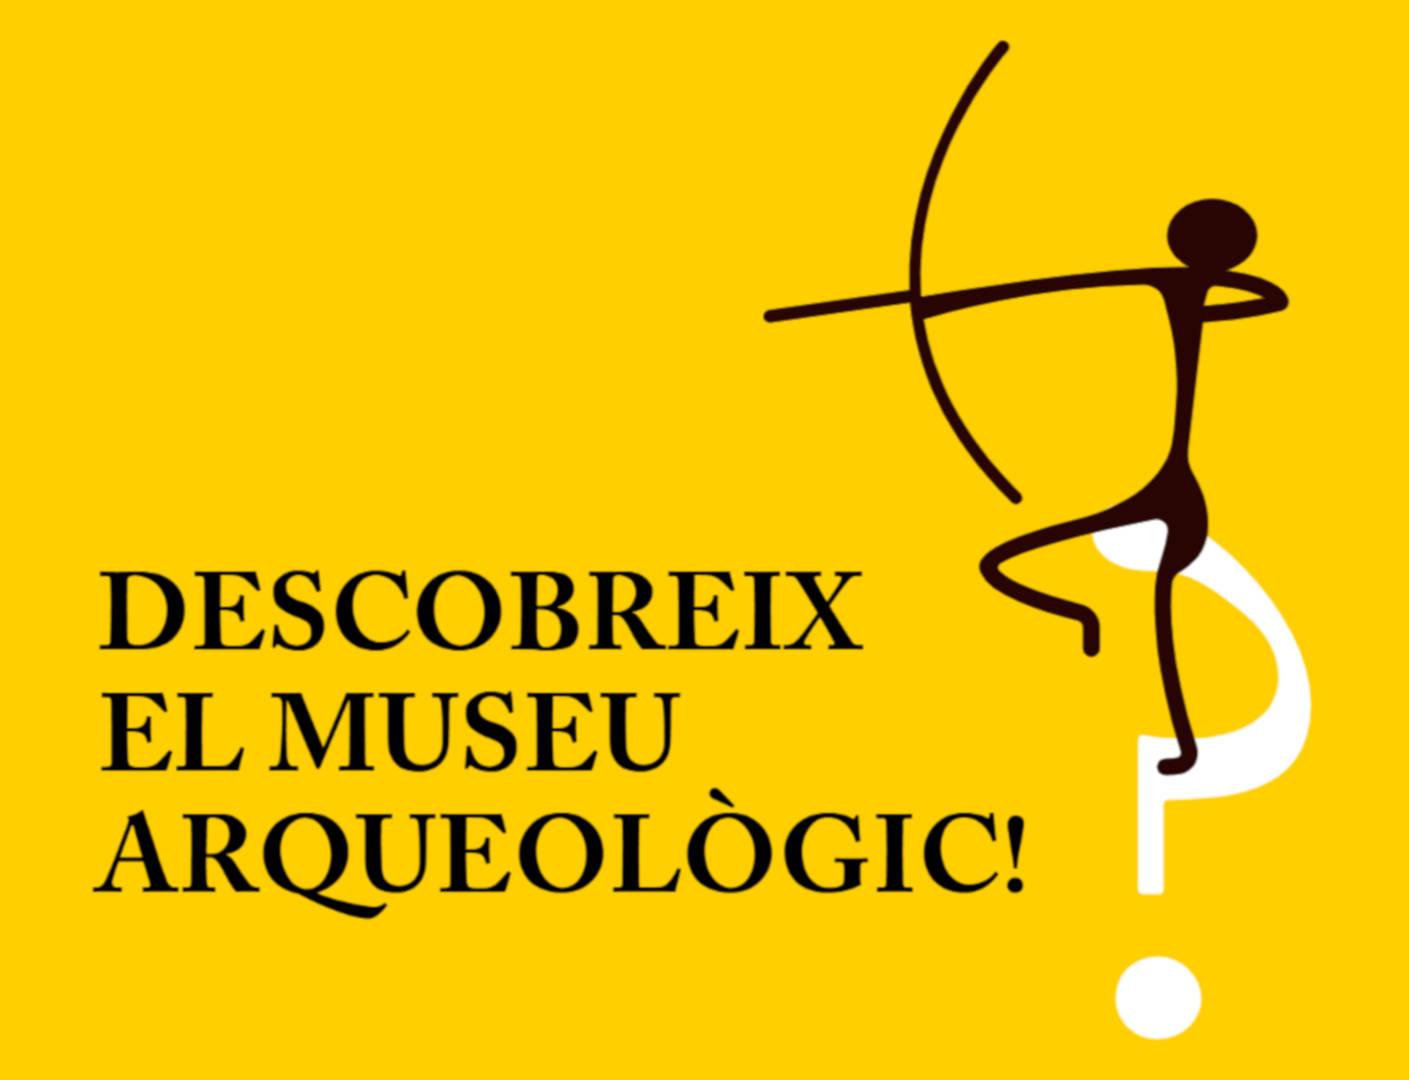 Descobreix el Museu Arqueològic!